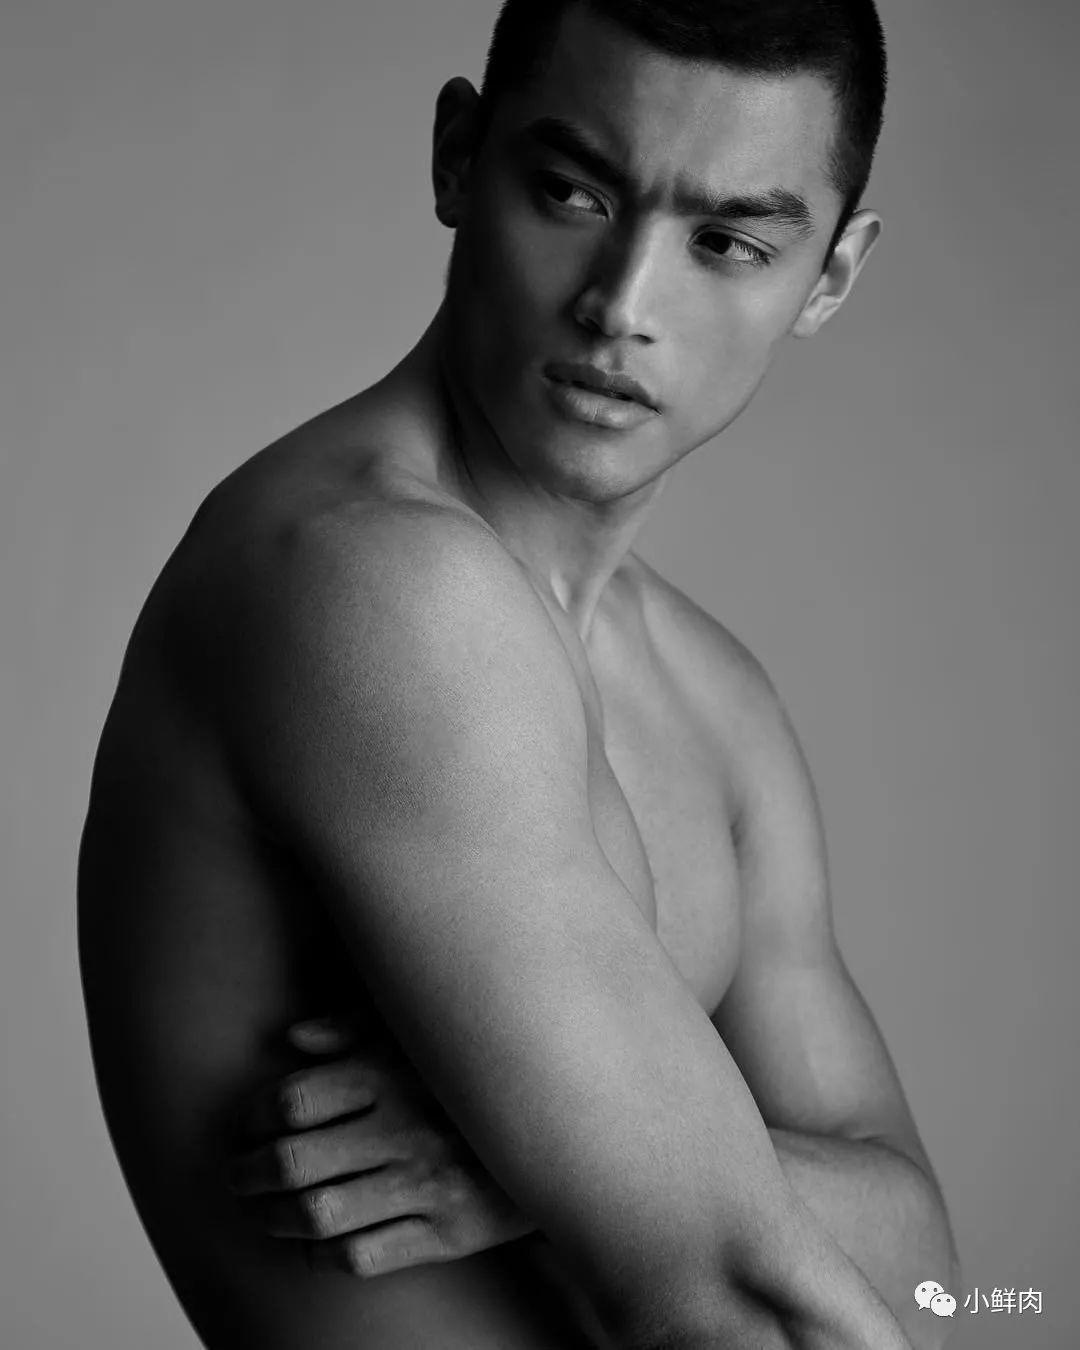 被香奈儿选上的亚洲男模,未火先上位?!